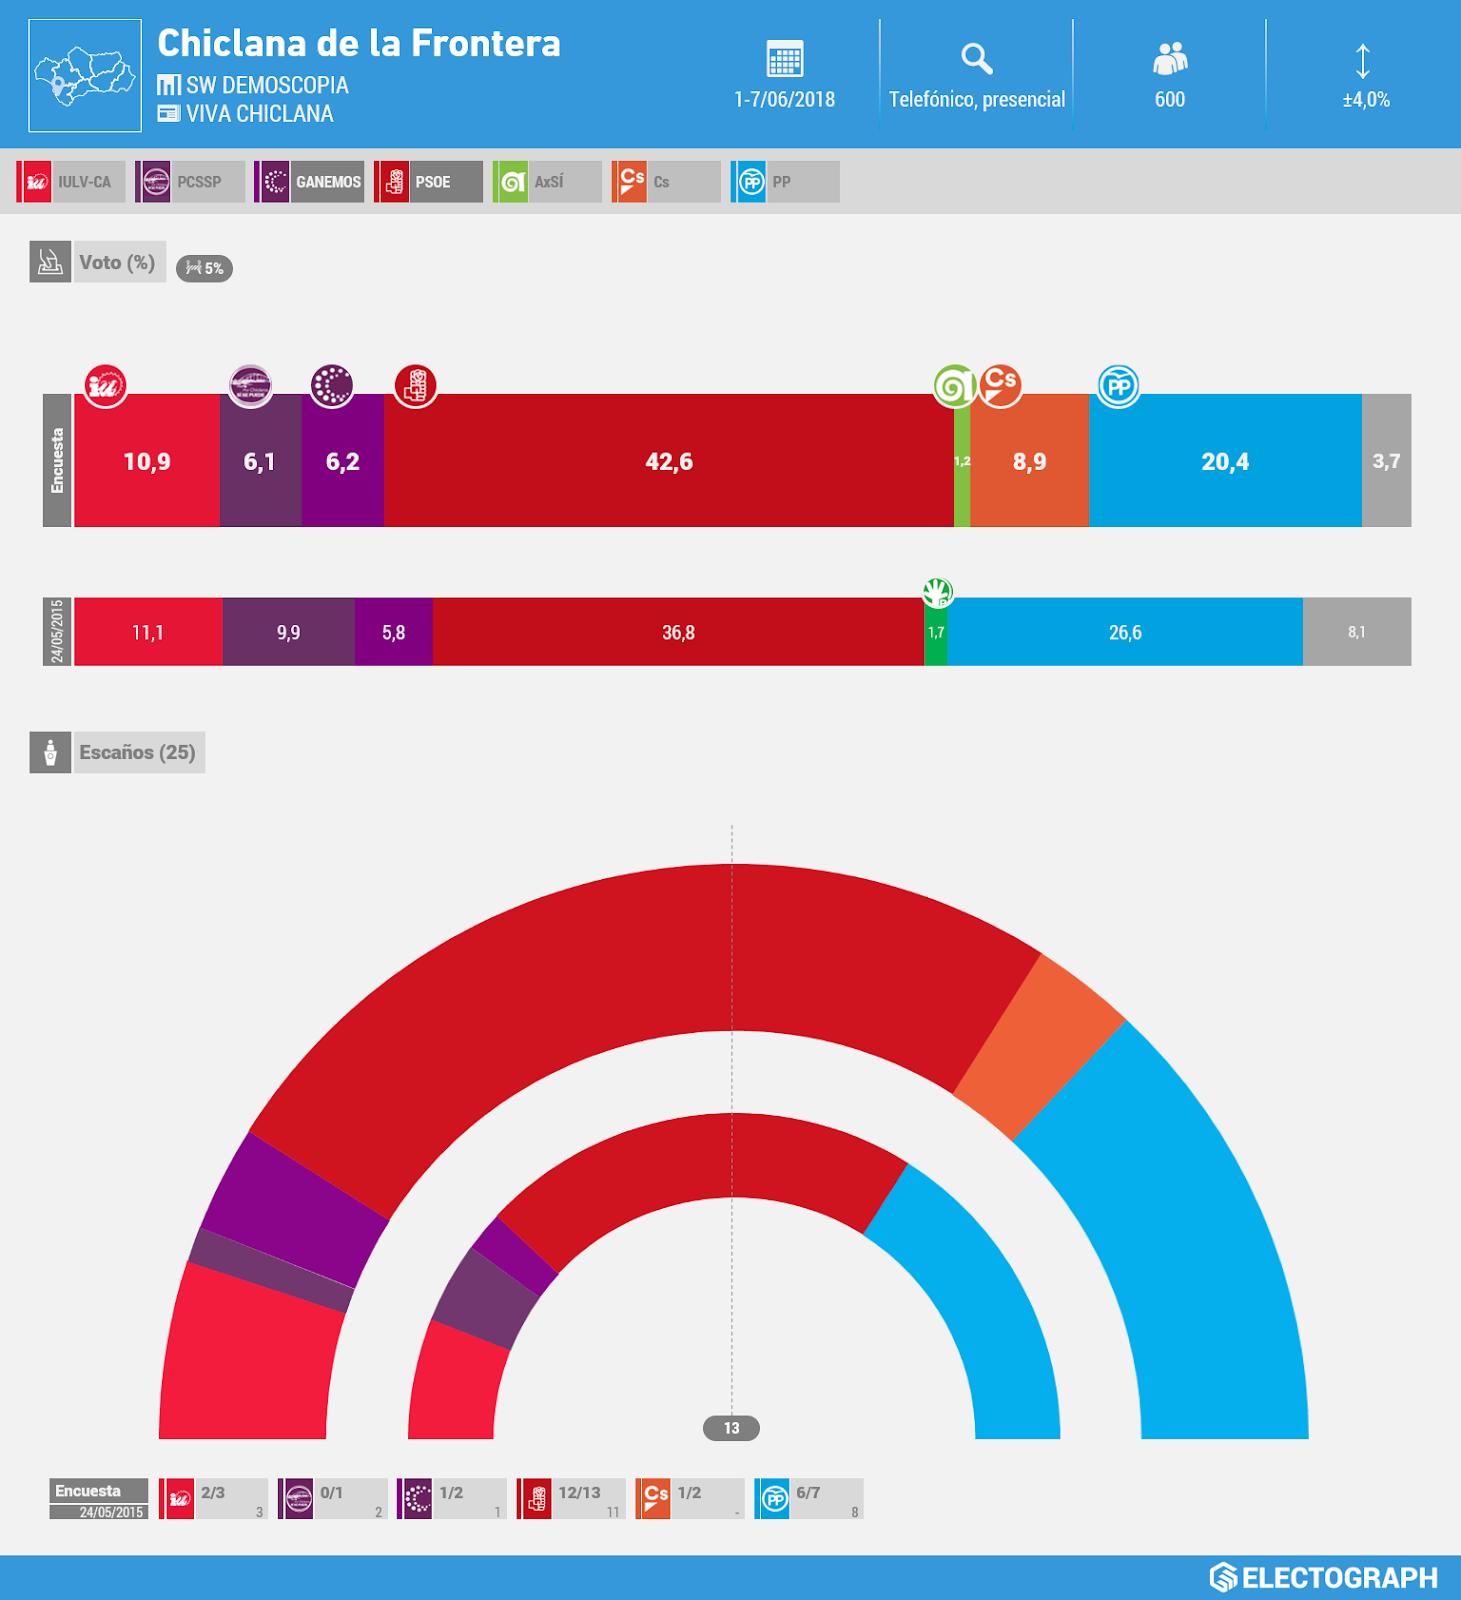 Gráfico de la encuesta para elecciones municipales en Chiclana de la Frontera realizada por SW Demoscopia para Viva en junio de 2018